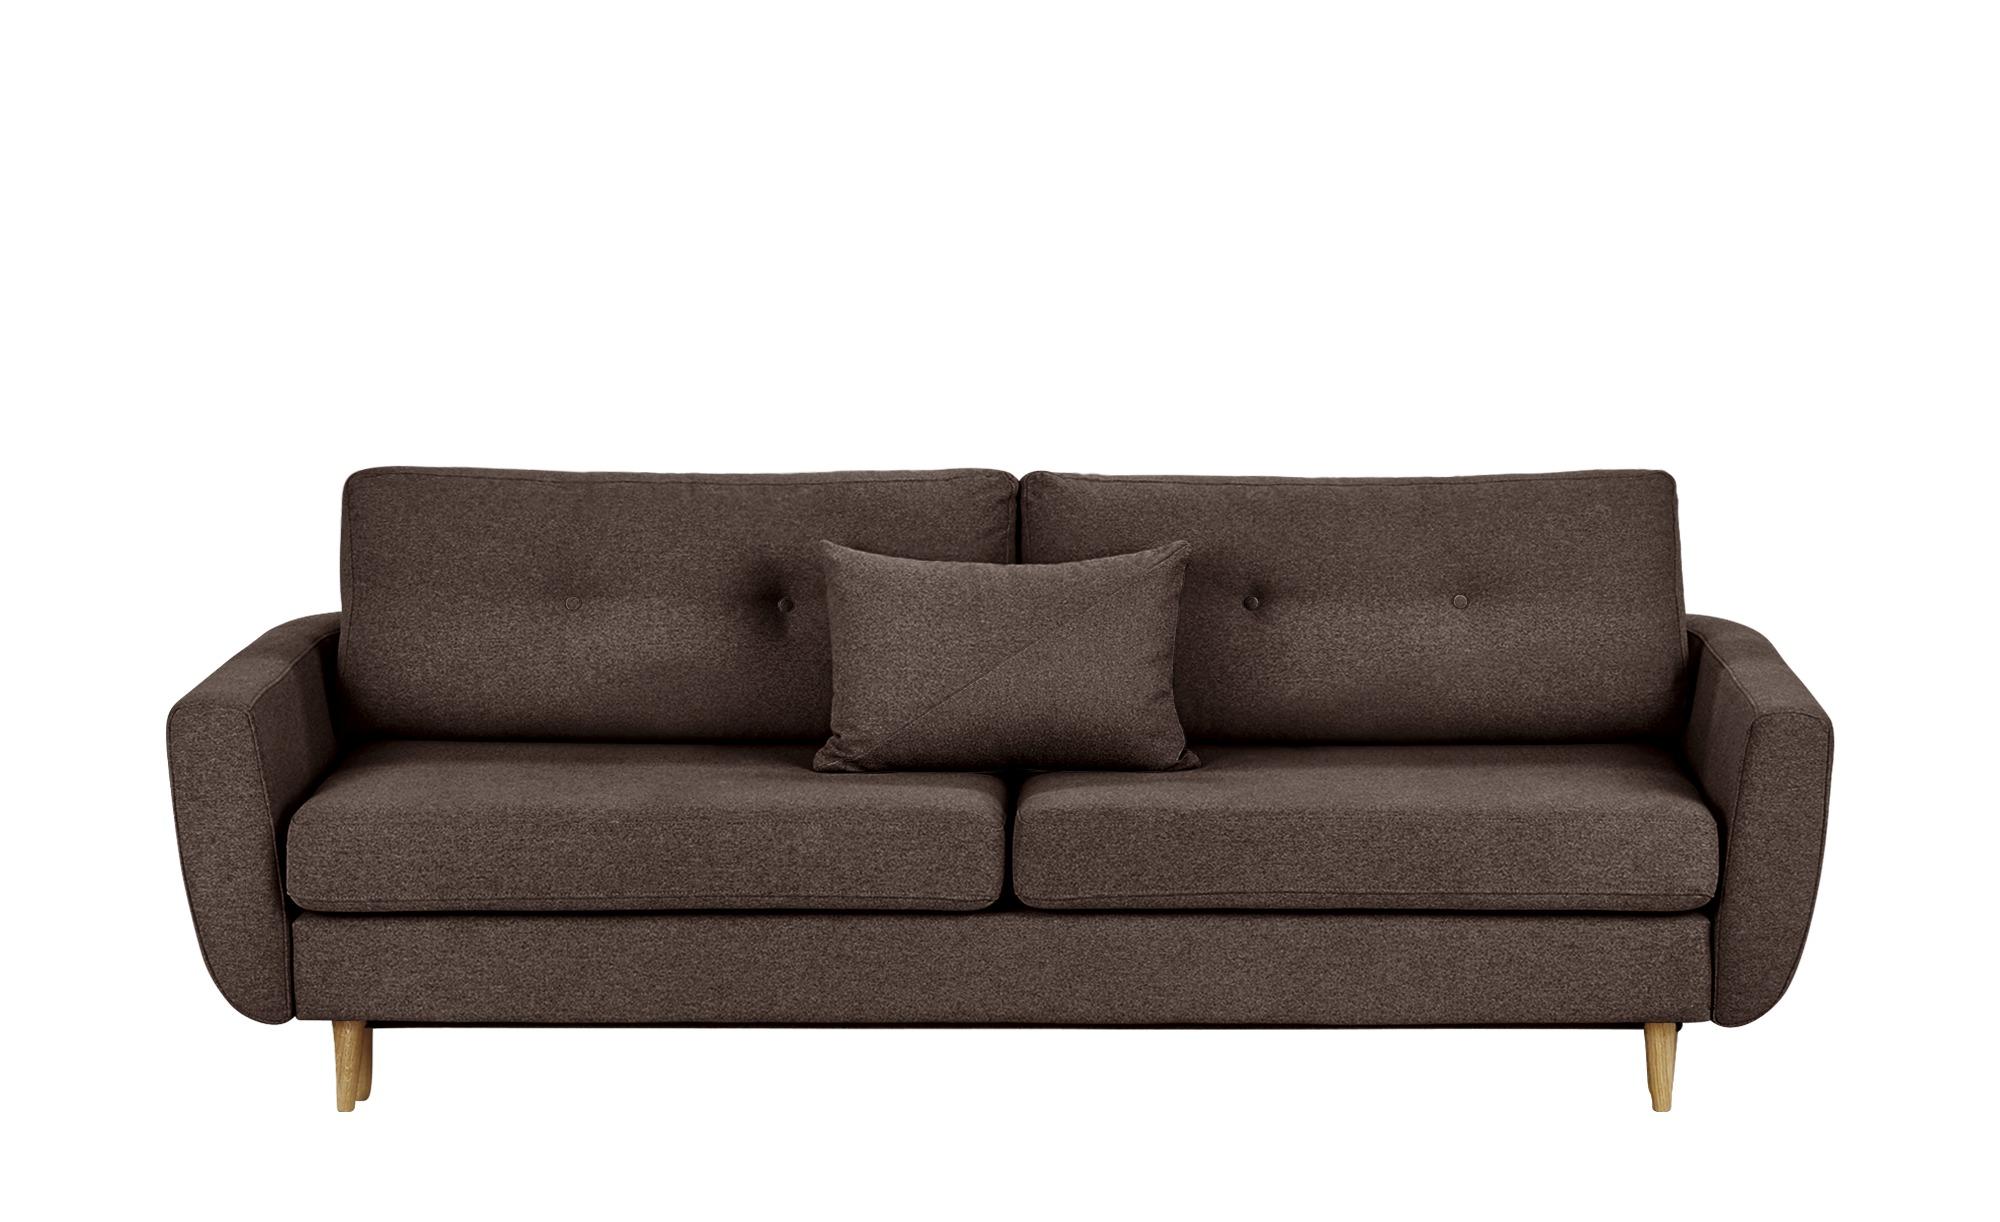 finya Schlafsofa, 3-sitzig braun - Webstoff Harris ¦ Maße (cm): B: 231 H: 85 T: 92 Polstermöbel > Sofas > 3-Sitzer - Höffner